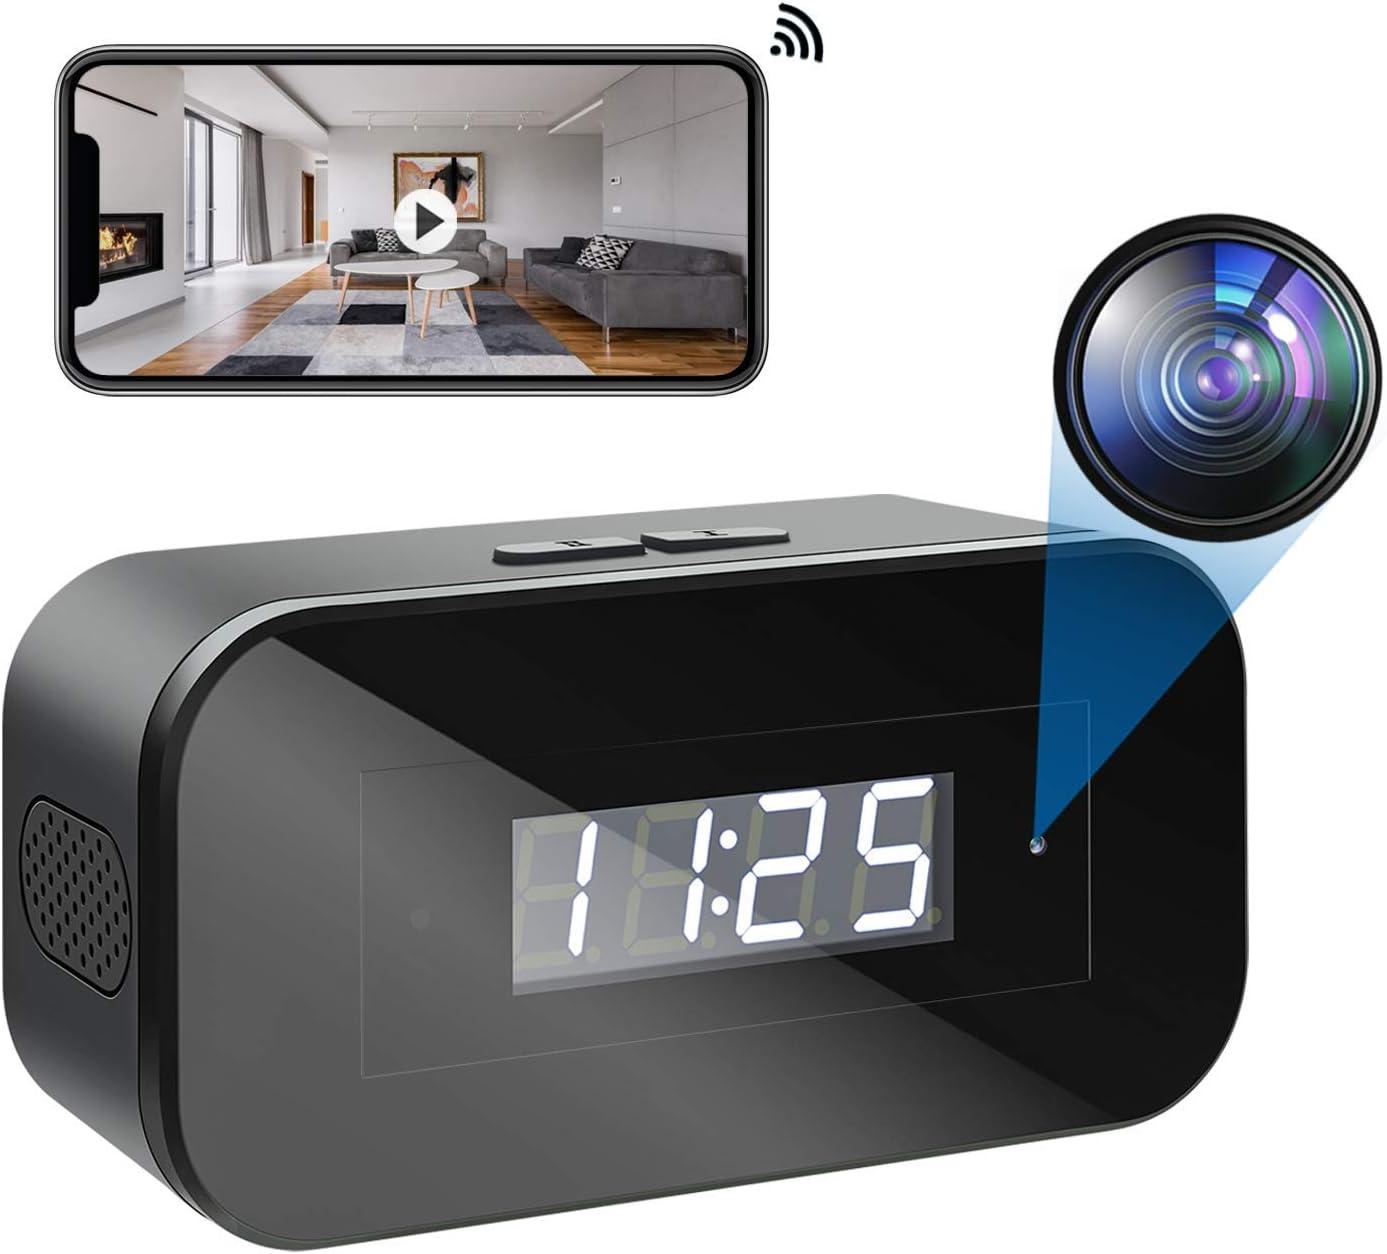 Cámara Espía WiFi, Mini Cámara Oculta HD 1080p Vigilancia Grabadora de Video Portátil con Visión Nocturna Detector de Movimiento, Micro Camera Inalámbrica de Seguridad para el Hogar Interior